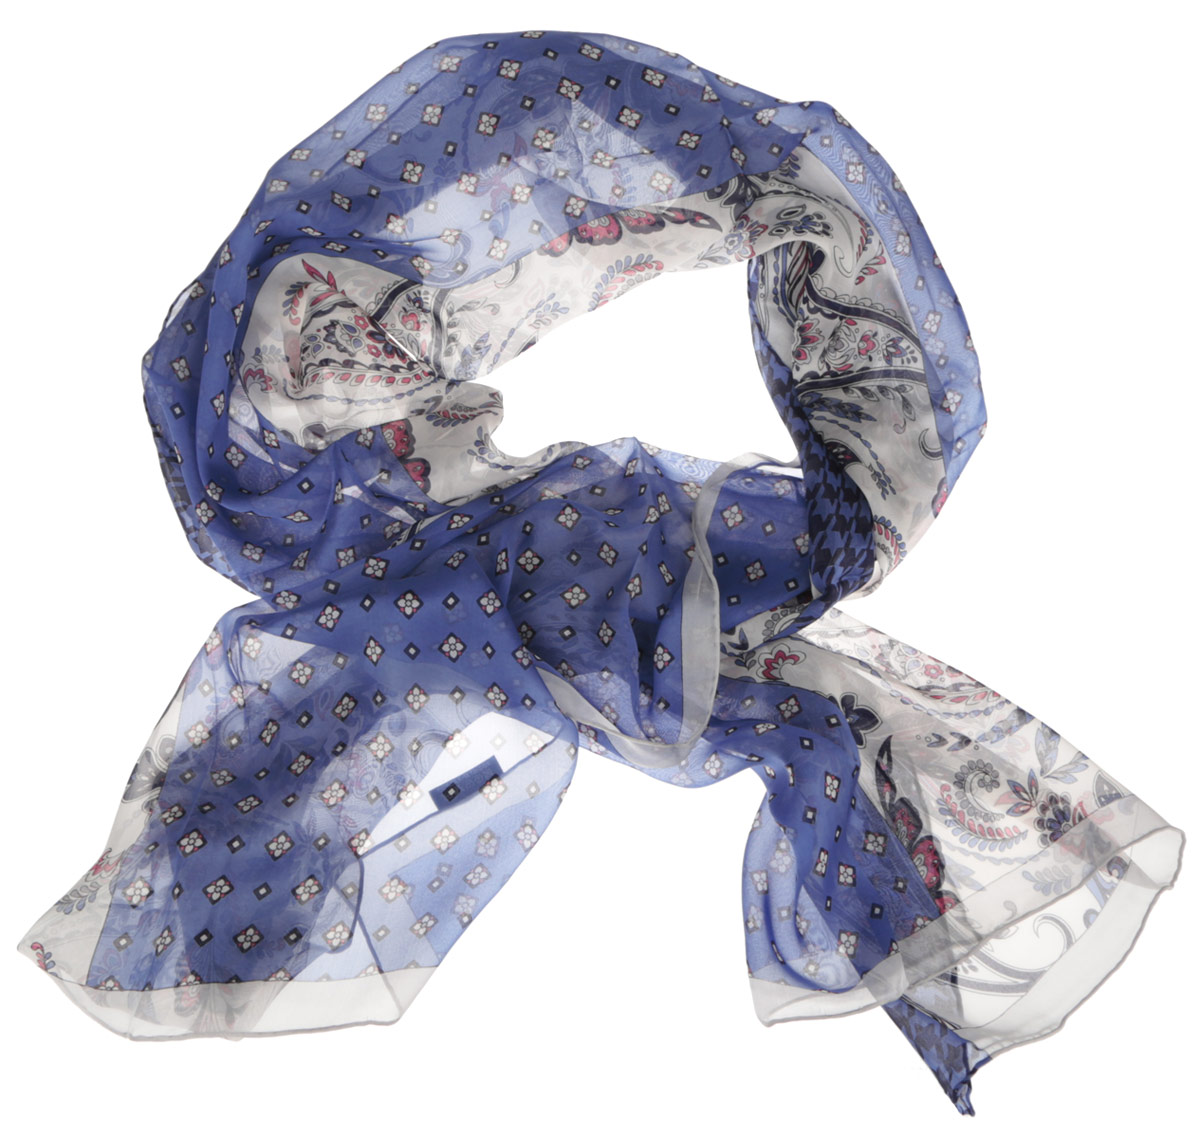 Шарф женский Fabretti, цвет: синий, белый, мультиколор. CX1516-57-5. Размер 180 см х 65 смCX1516-57-5Стильный женский шарф Fabretti станет великолепным завершением любого наряда. Шарф изготовлен из шелка и оформлен изысканным орнаментом. Края шарфа обработаны ручным швом.Мягкий и шелковистый шарф поможет вам создать изысканный женственный образ, а также согреет в непогоду.Такой шарф превосходно дополнит любой наряд и подчеркнет ваш неповторимый вкус и элегантность.